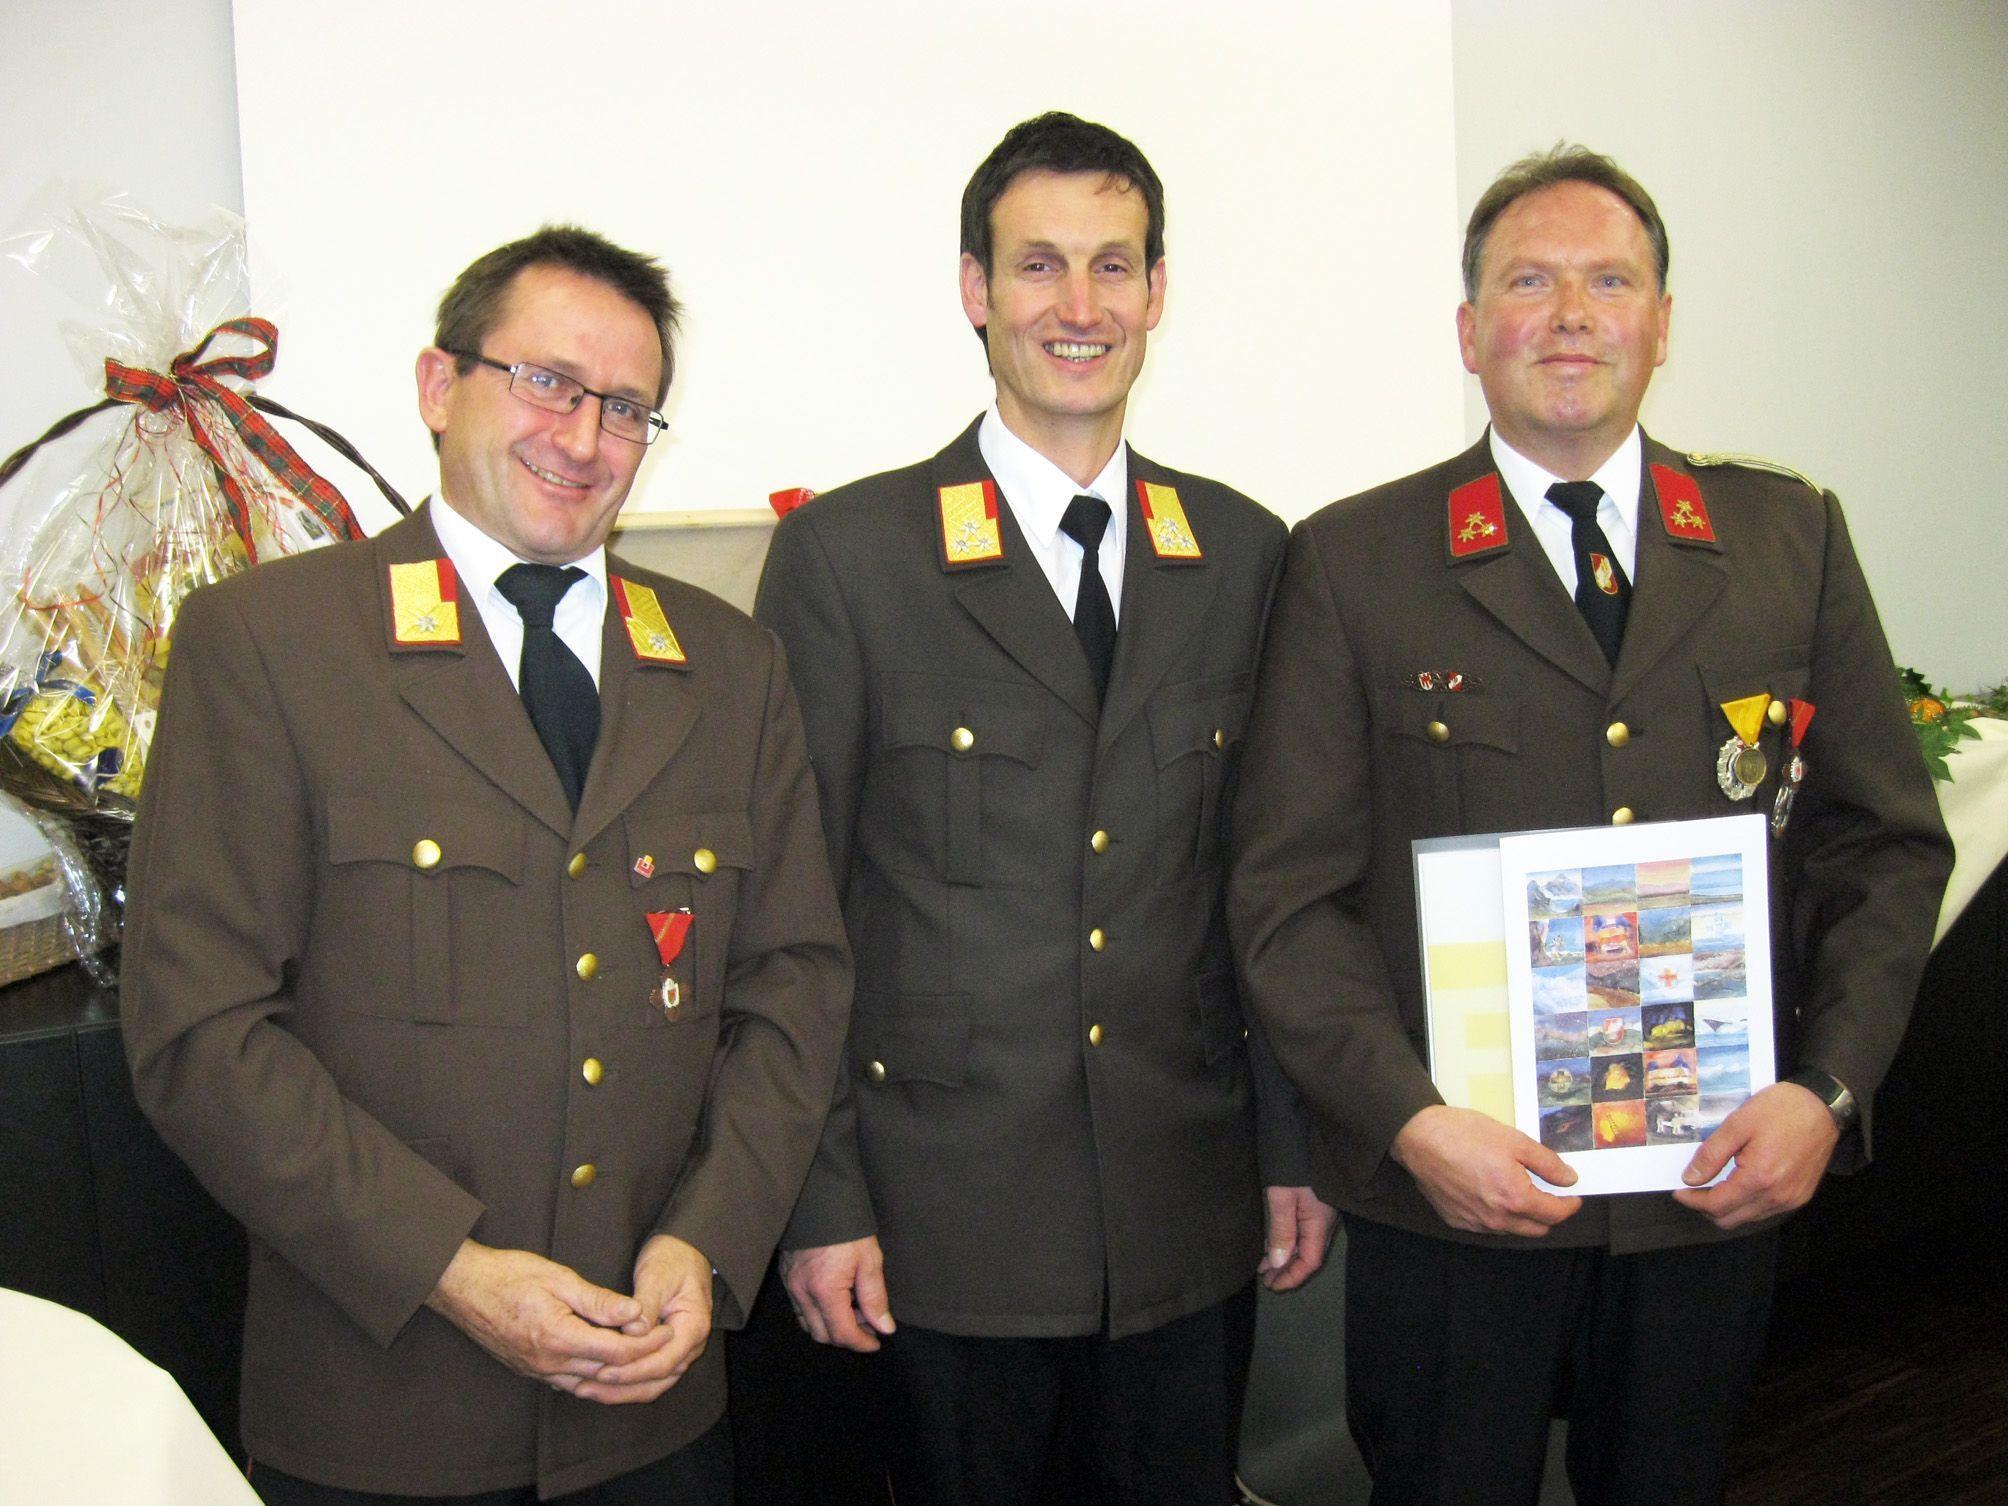 Feuerwehrkommandant Thomas Scheutz mit BFI Herbert Österle und AKdt Armin Schneider (v.r.)